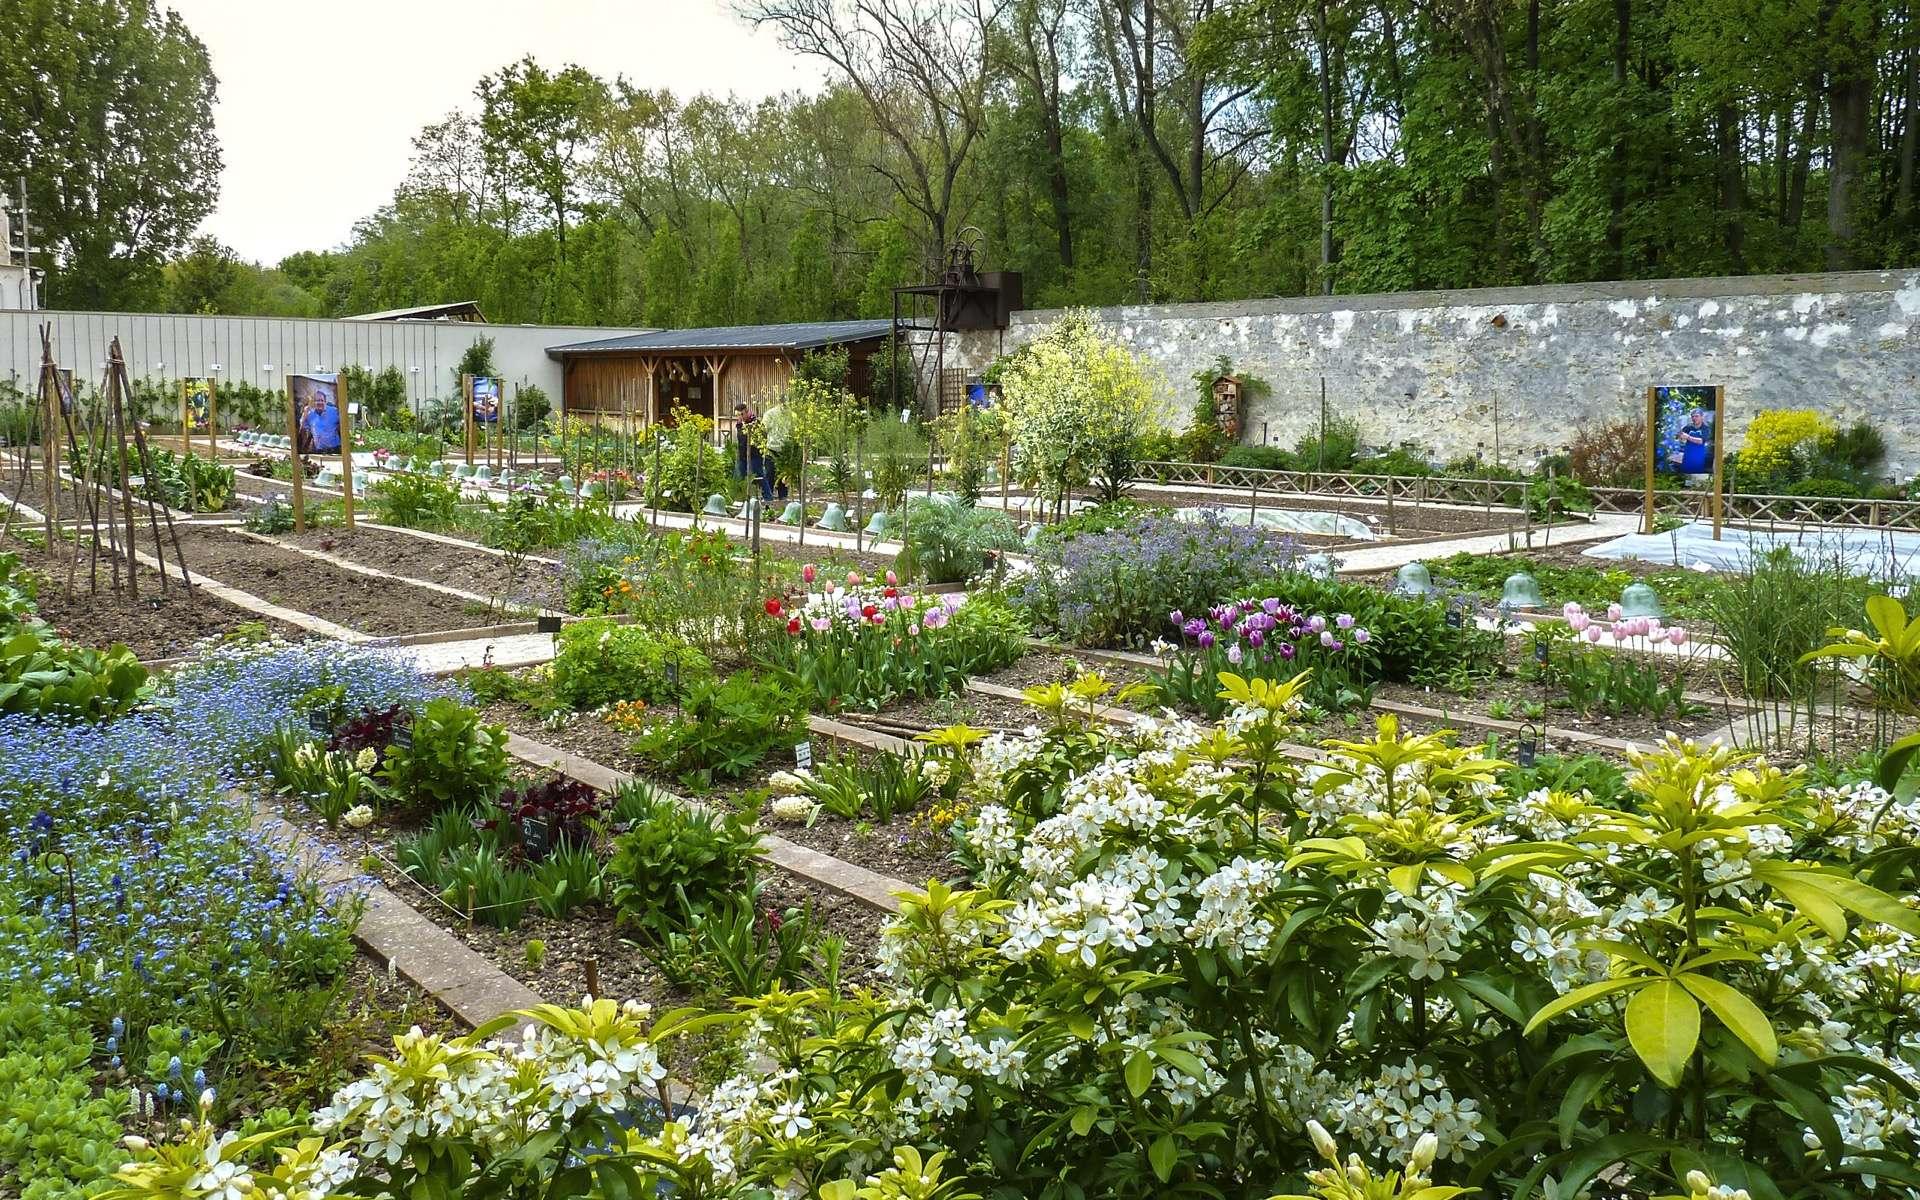 Le jardin potager de la Maison Caillebotte, à Yerres en Essonne. © Ghislaine Laussel pour Futura.